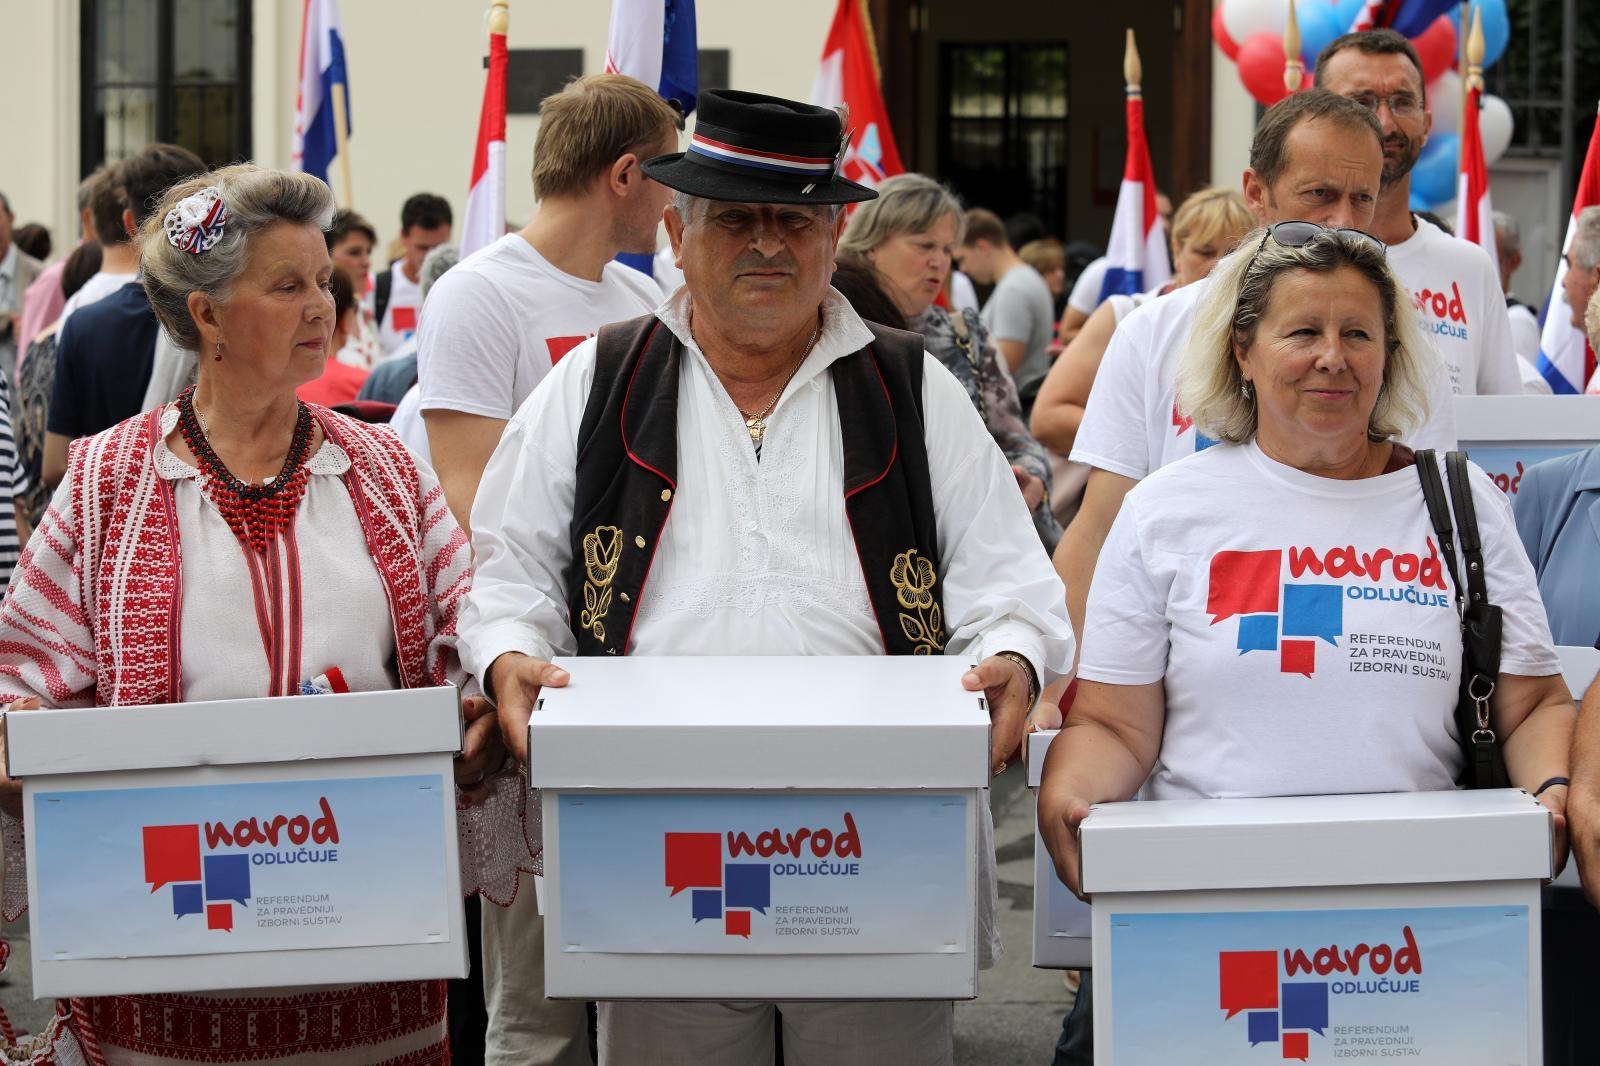 Ministarstvo referendumskim inicijativama omogućilo uvid u neispravne potpise birača